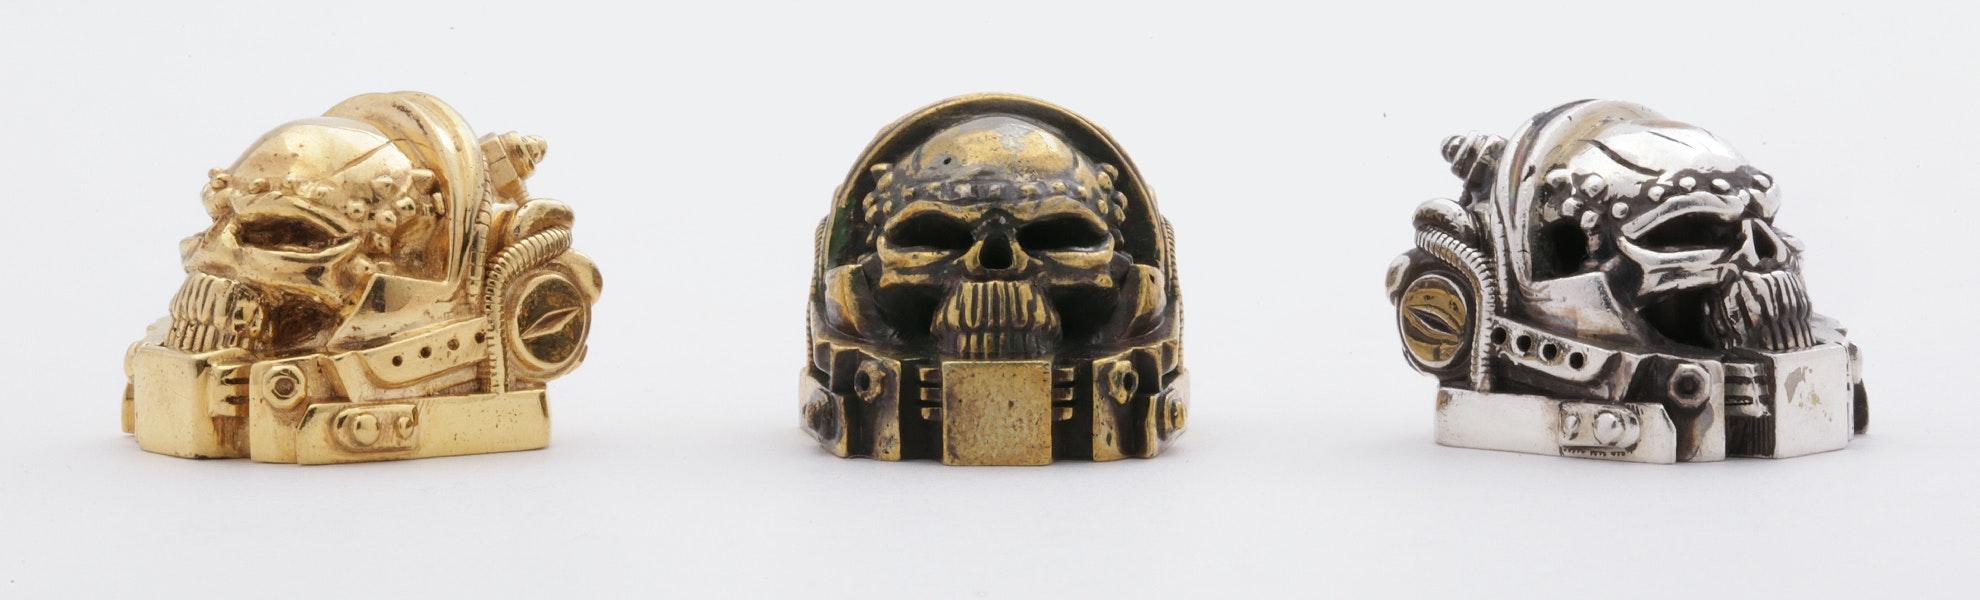 Golden Star Skull Marine Artisan Keycap